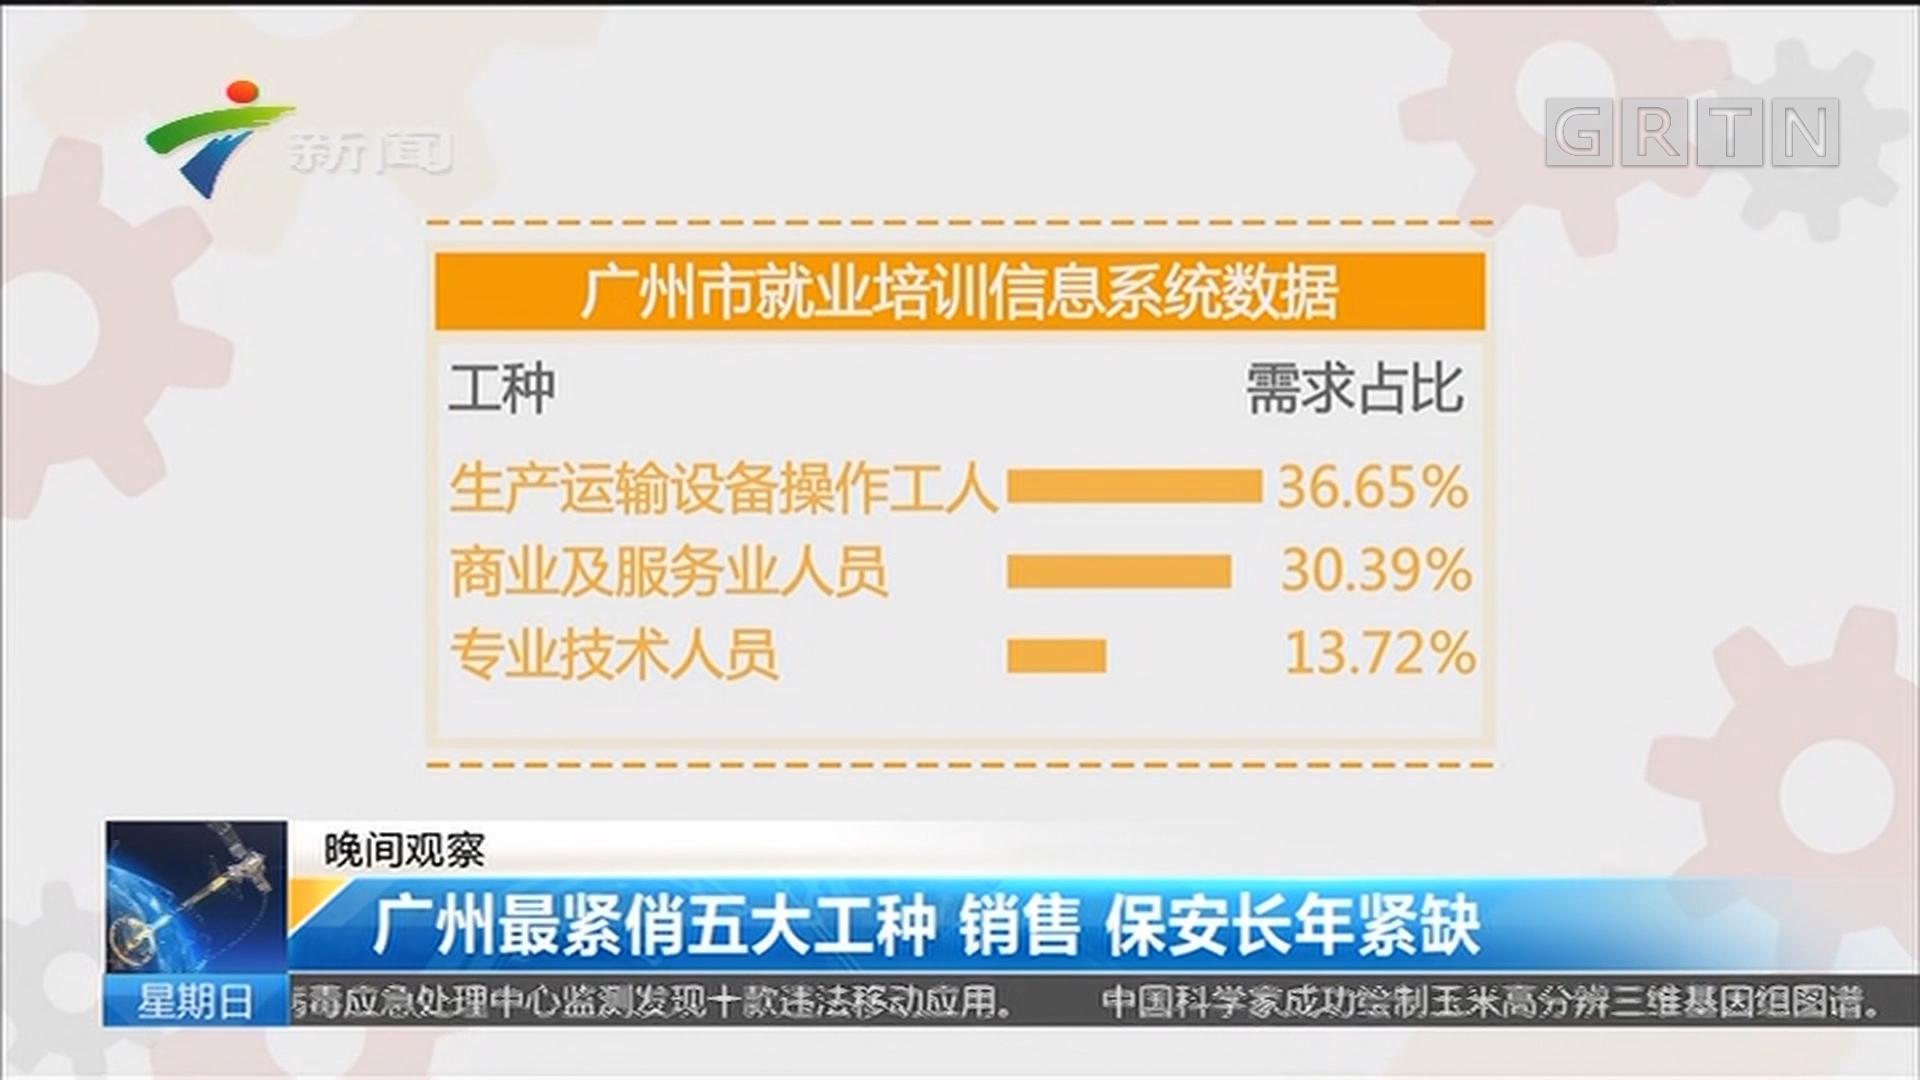 广州最紧俏五大工种 销售 保安长年紧缺